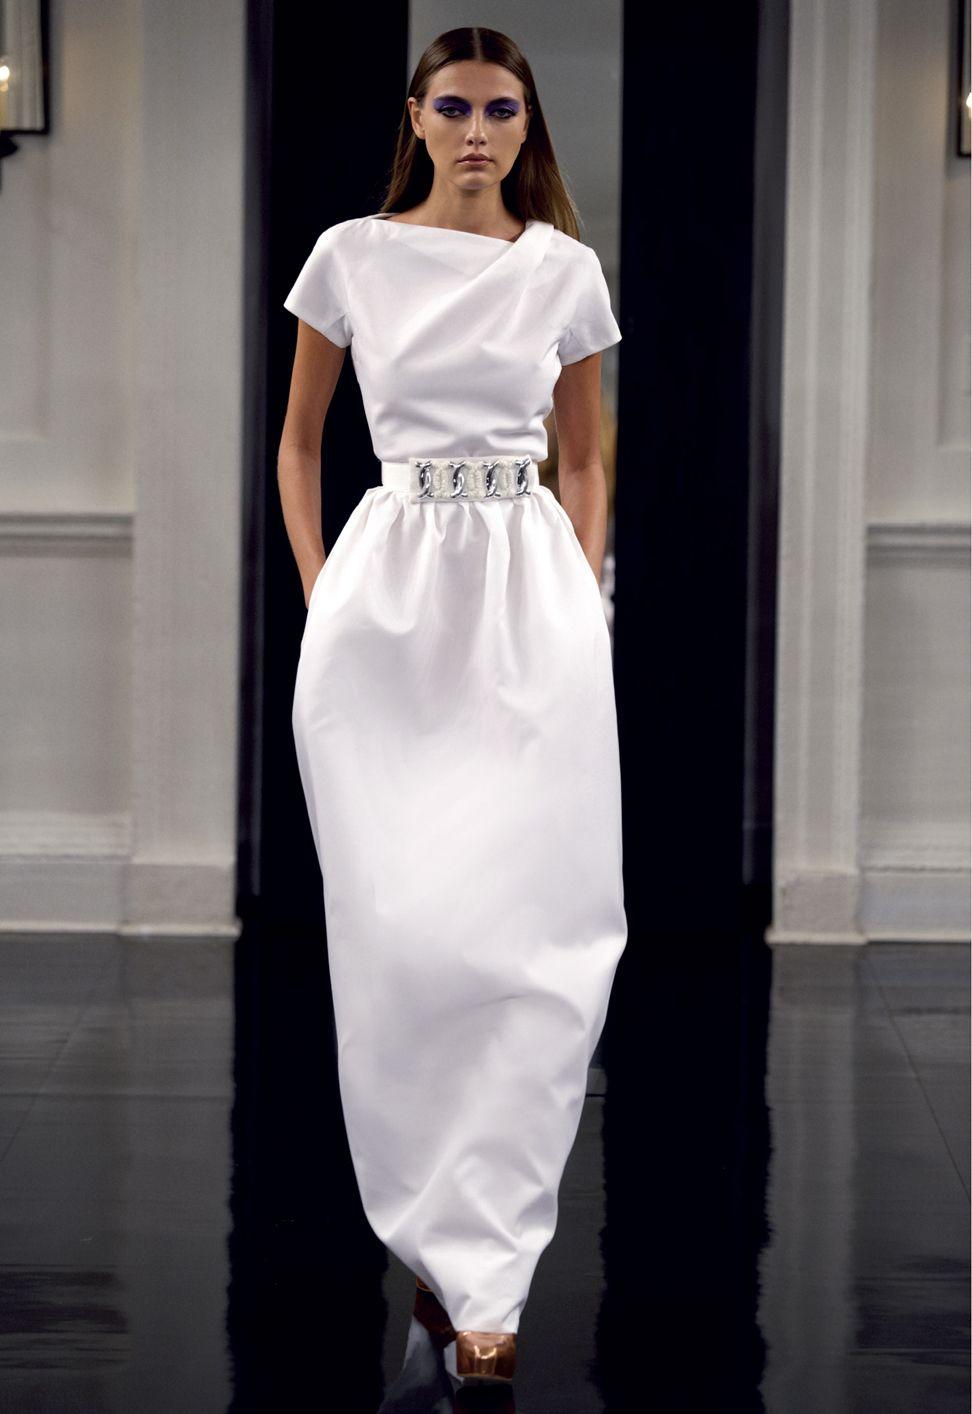 лучшие свадебное платье от виктории бекхэм фото жизни полна